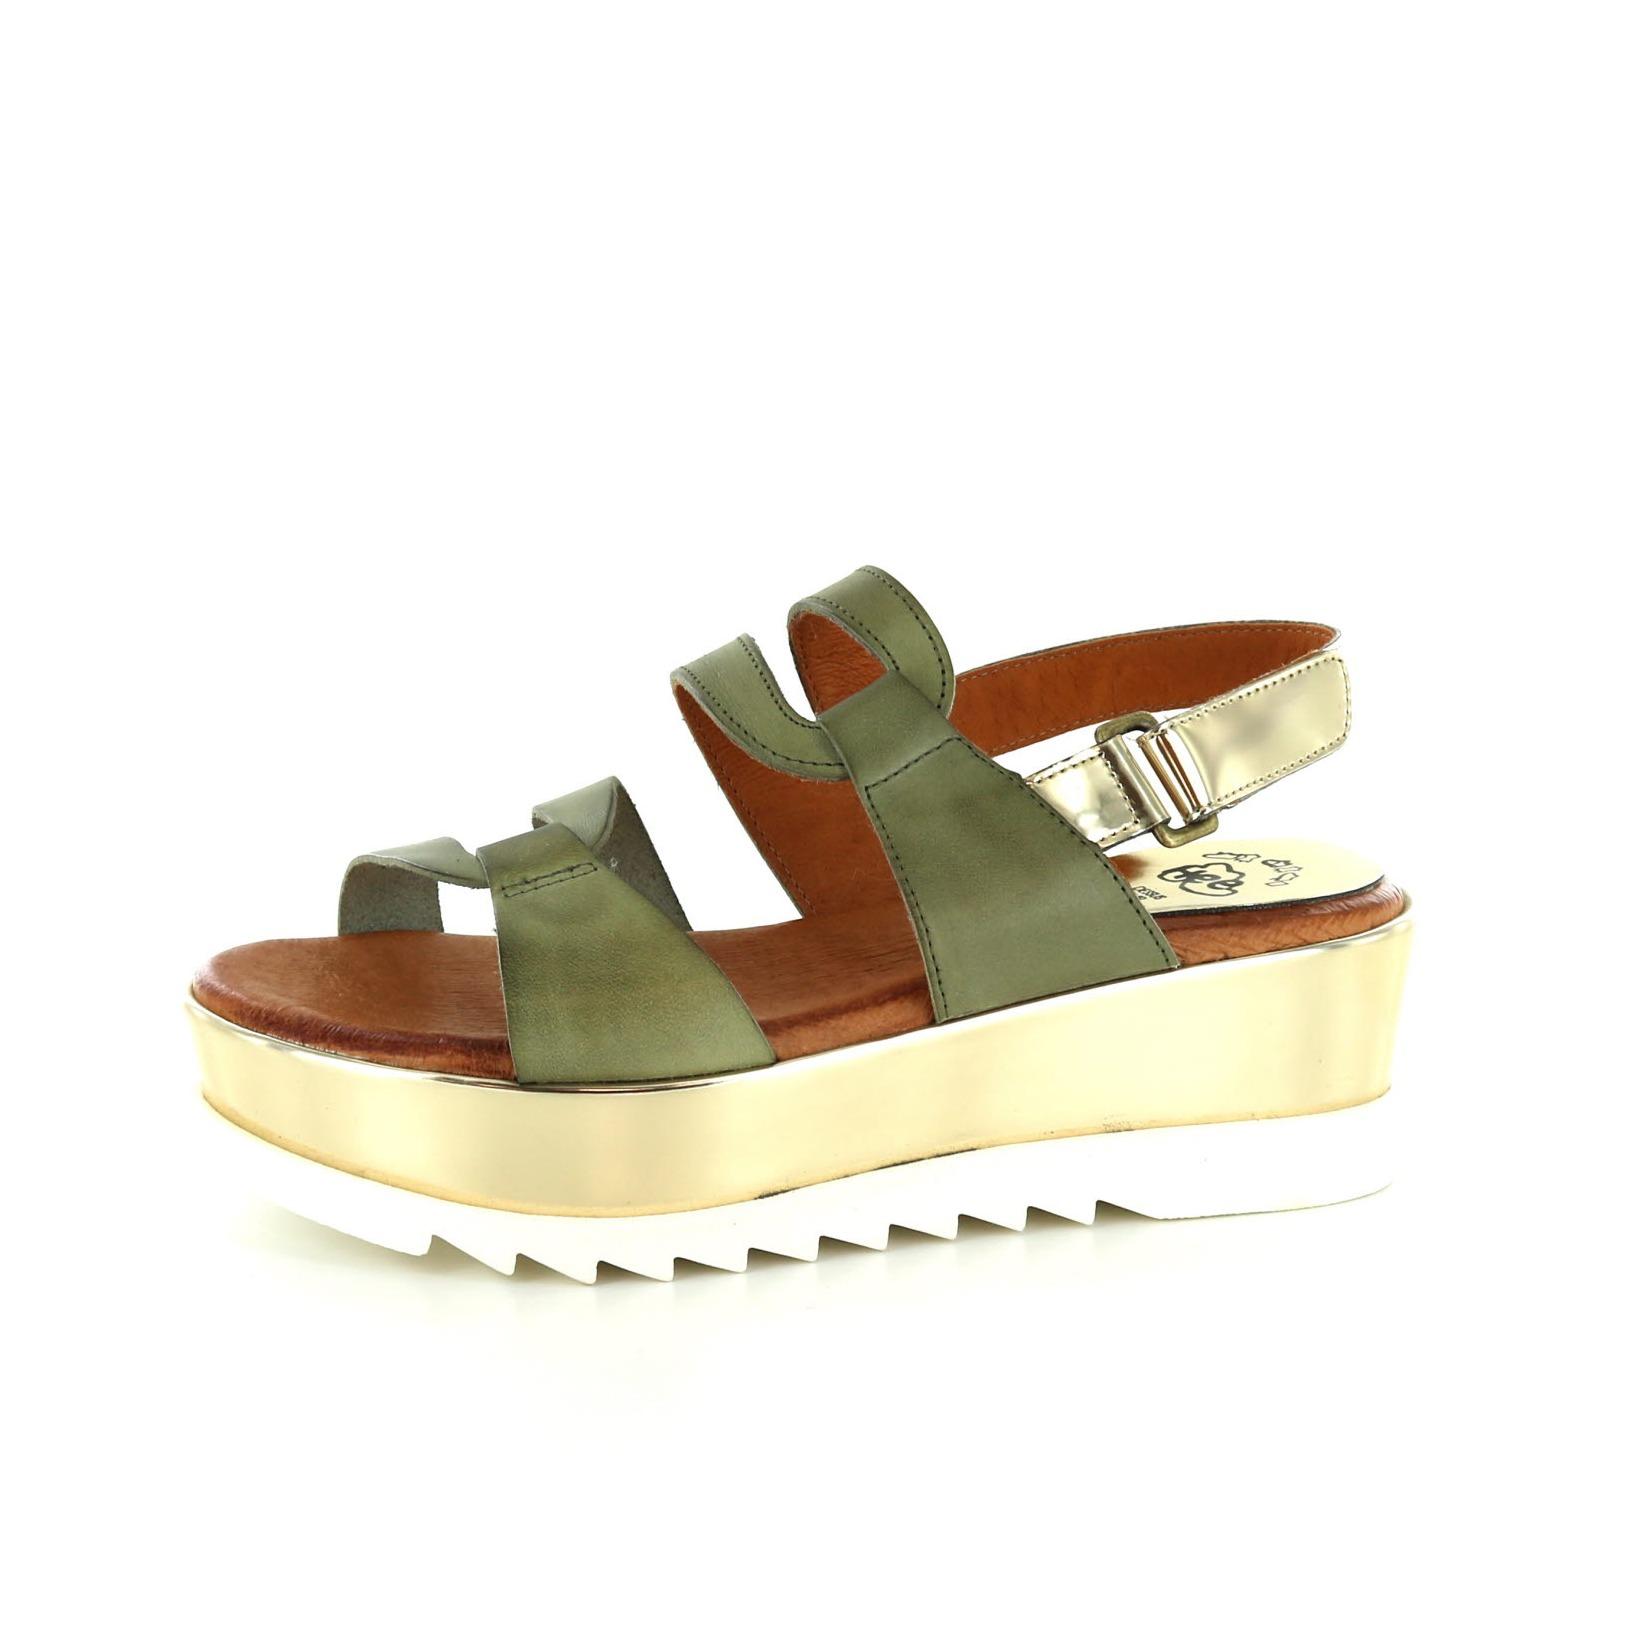 Hee / Sandaler, Grønn